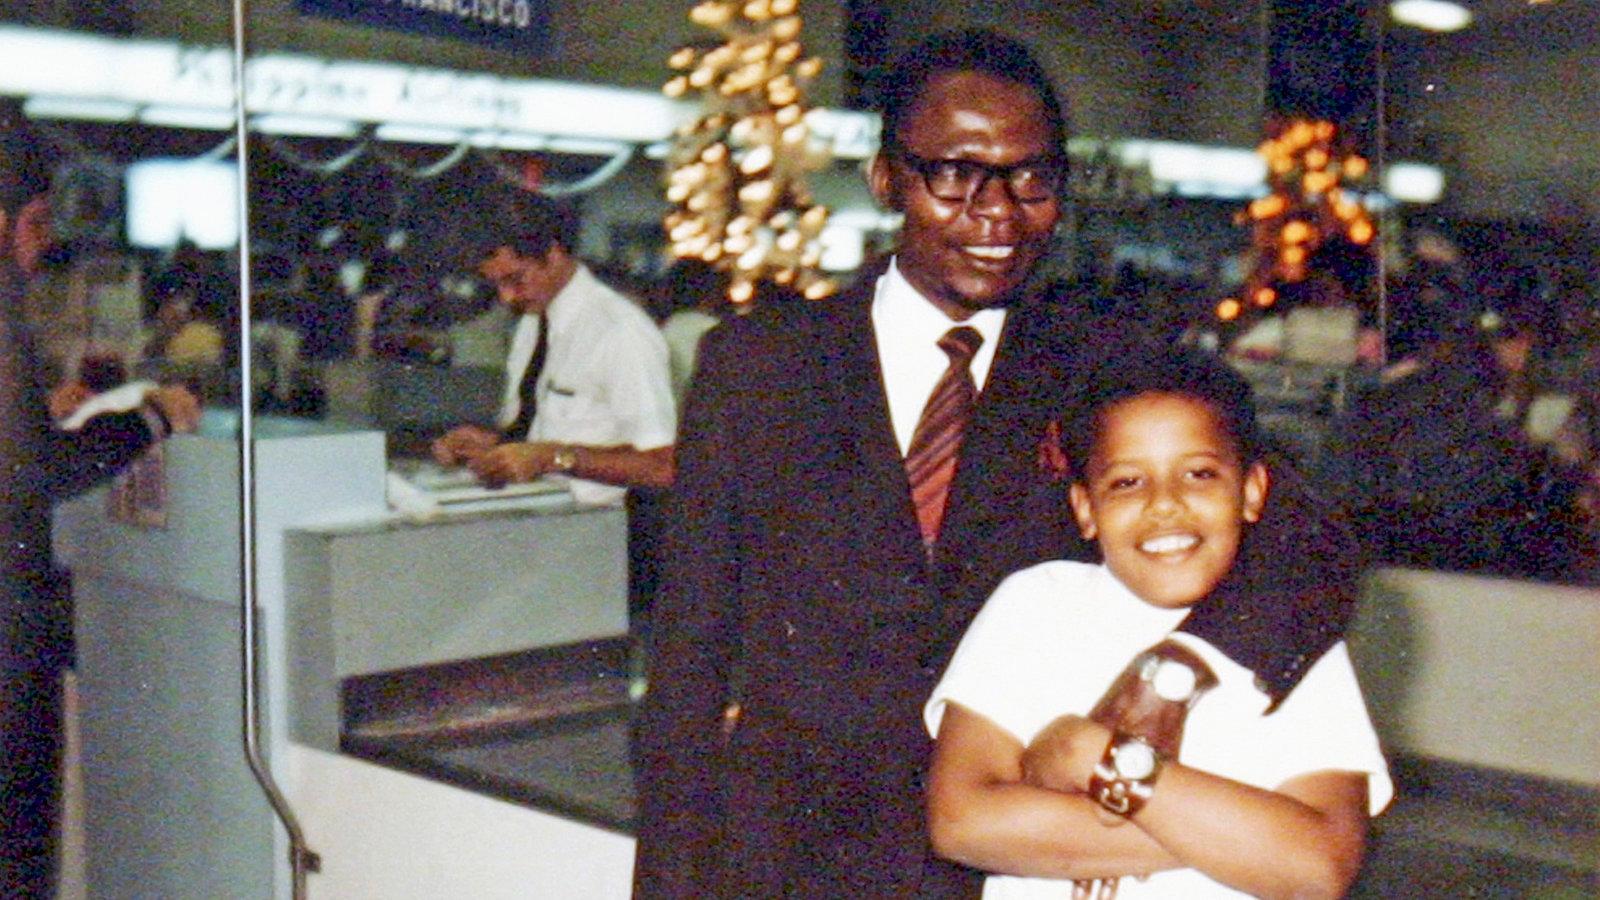 Prekëse/Barack Obama publikon foton e vetme me të atin: Ishte udhëtimi i parë dhe i fundit